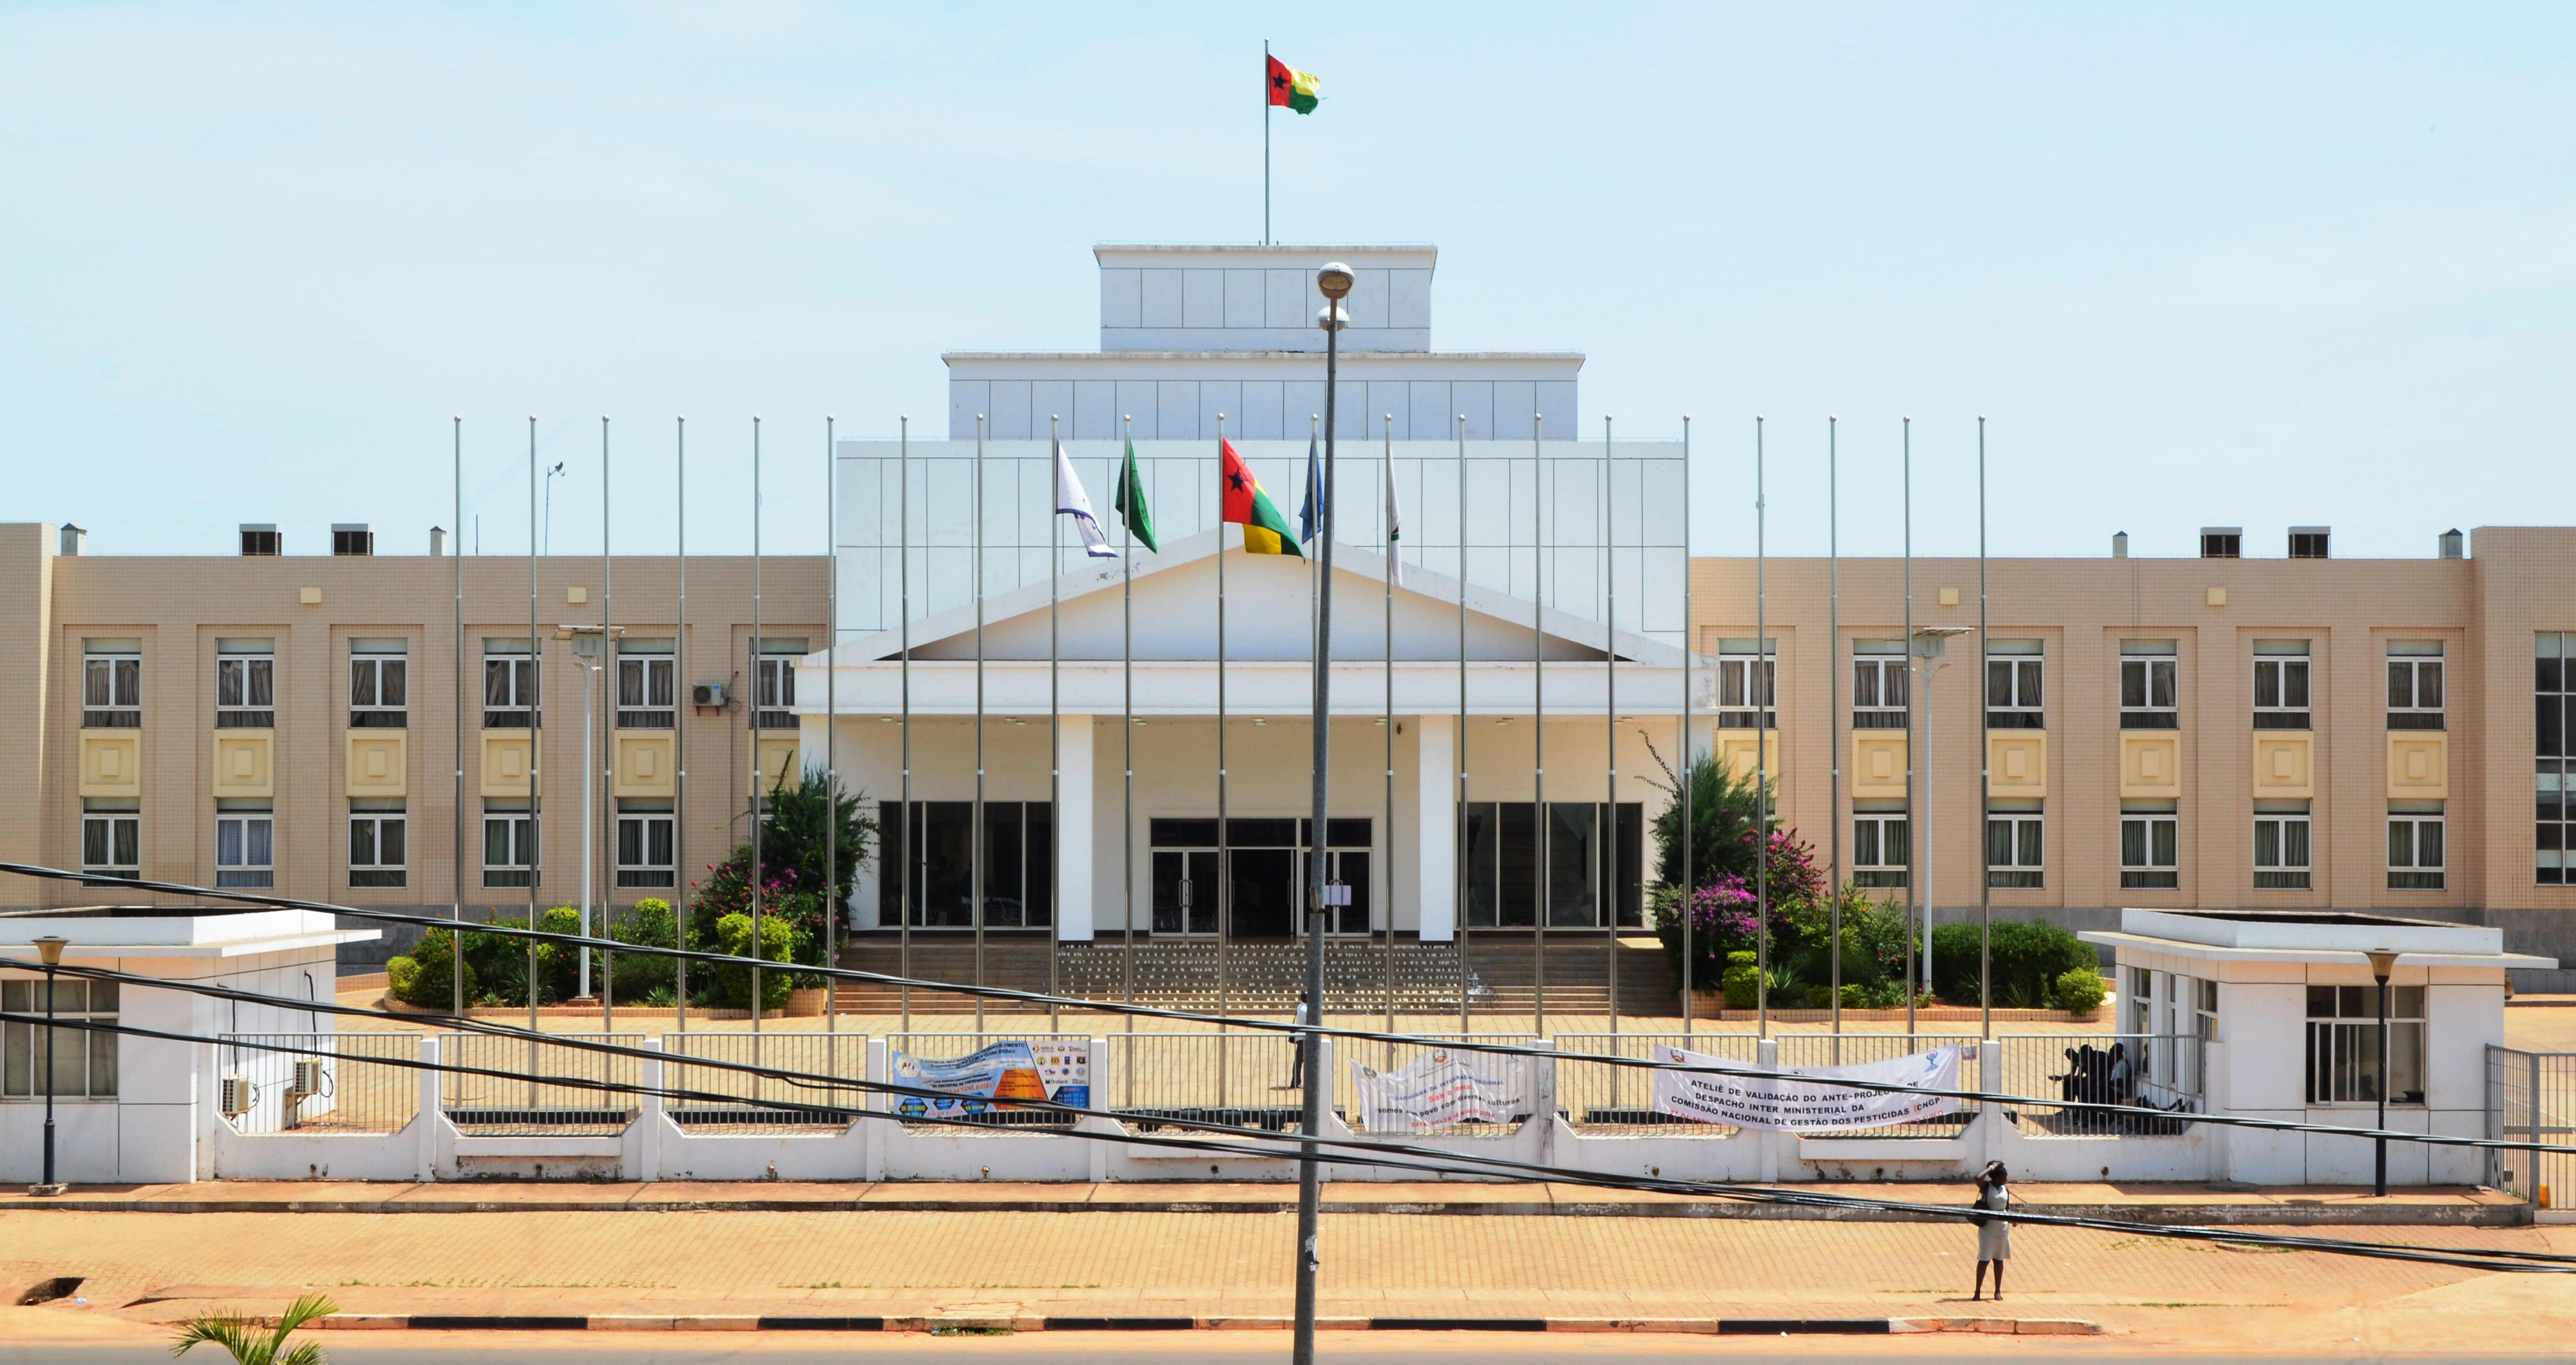 Edificio do Palacio de Governo